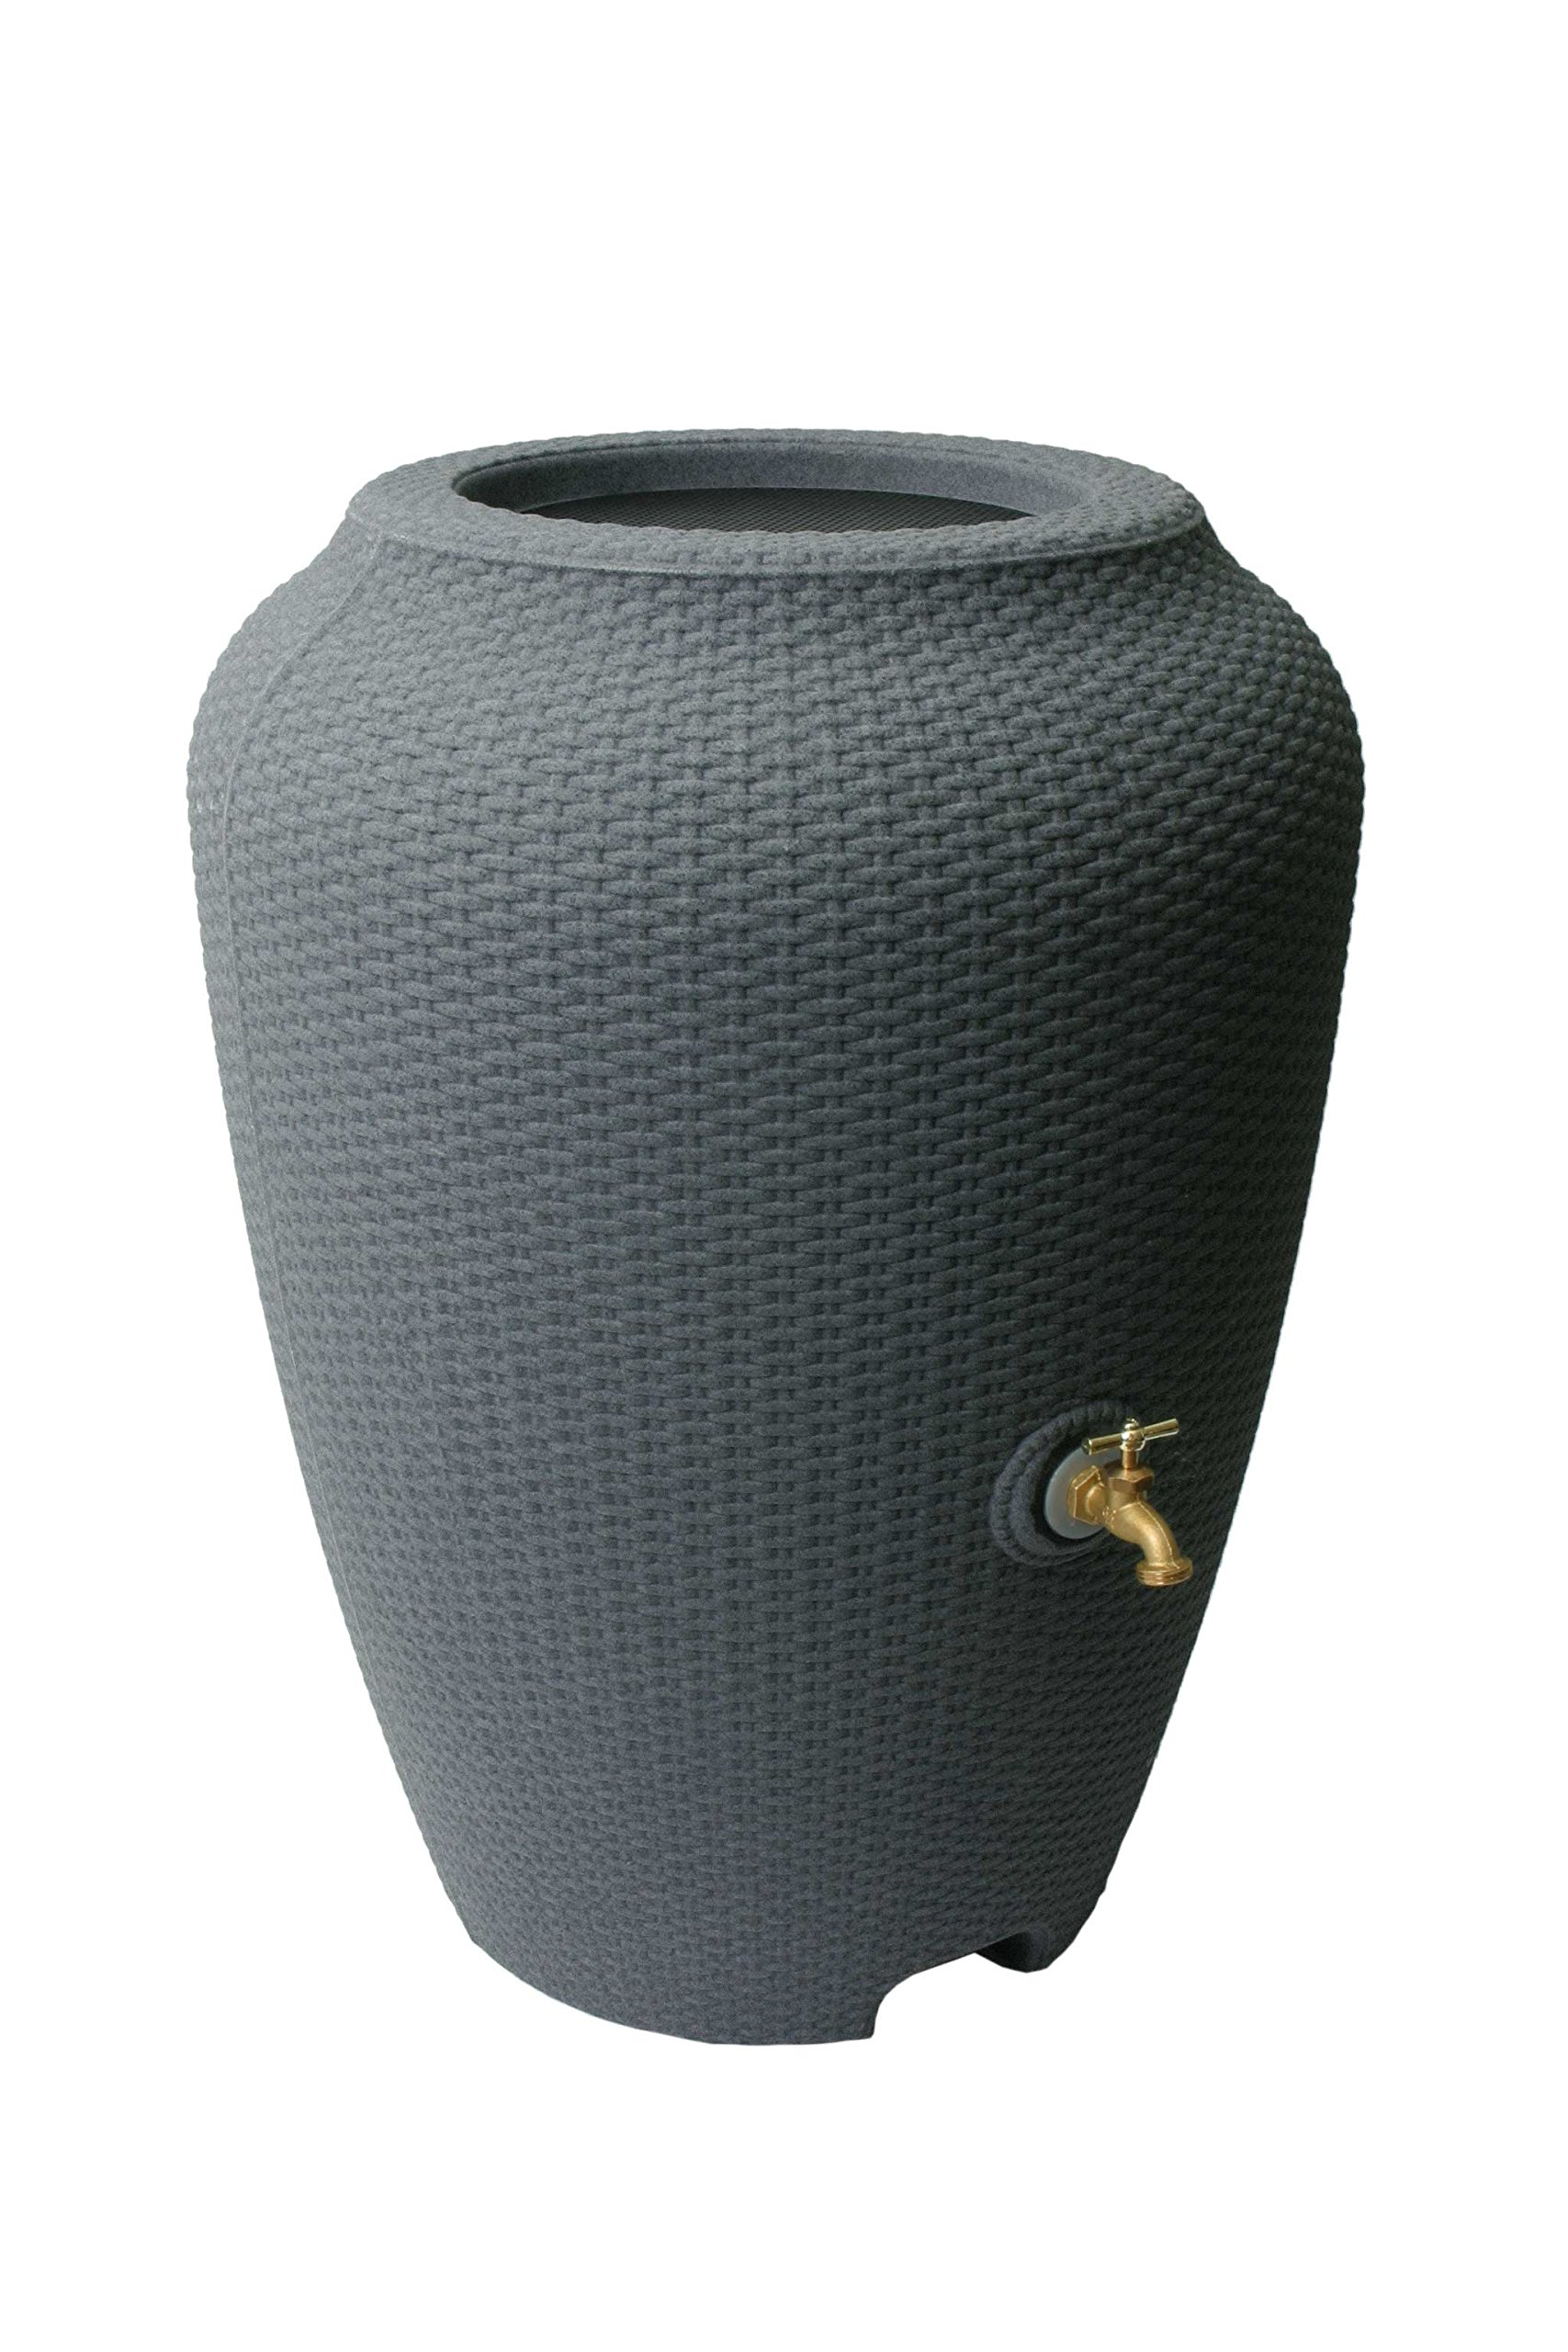 Algreen 81304 Wicker Rain Barrel, Charcoal Rattan